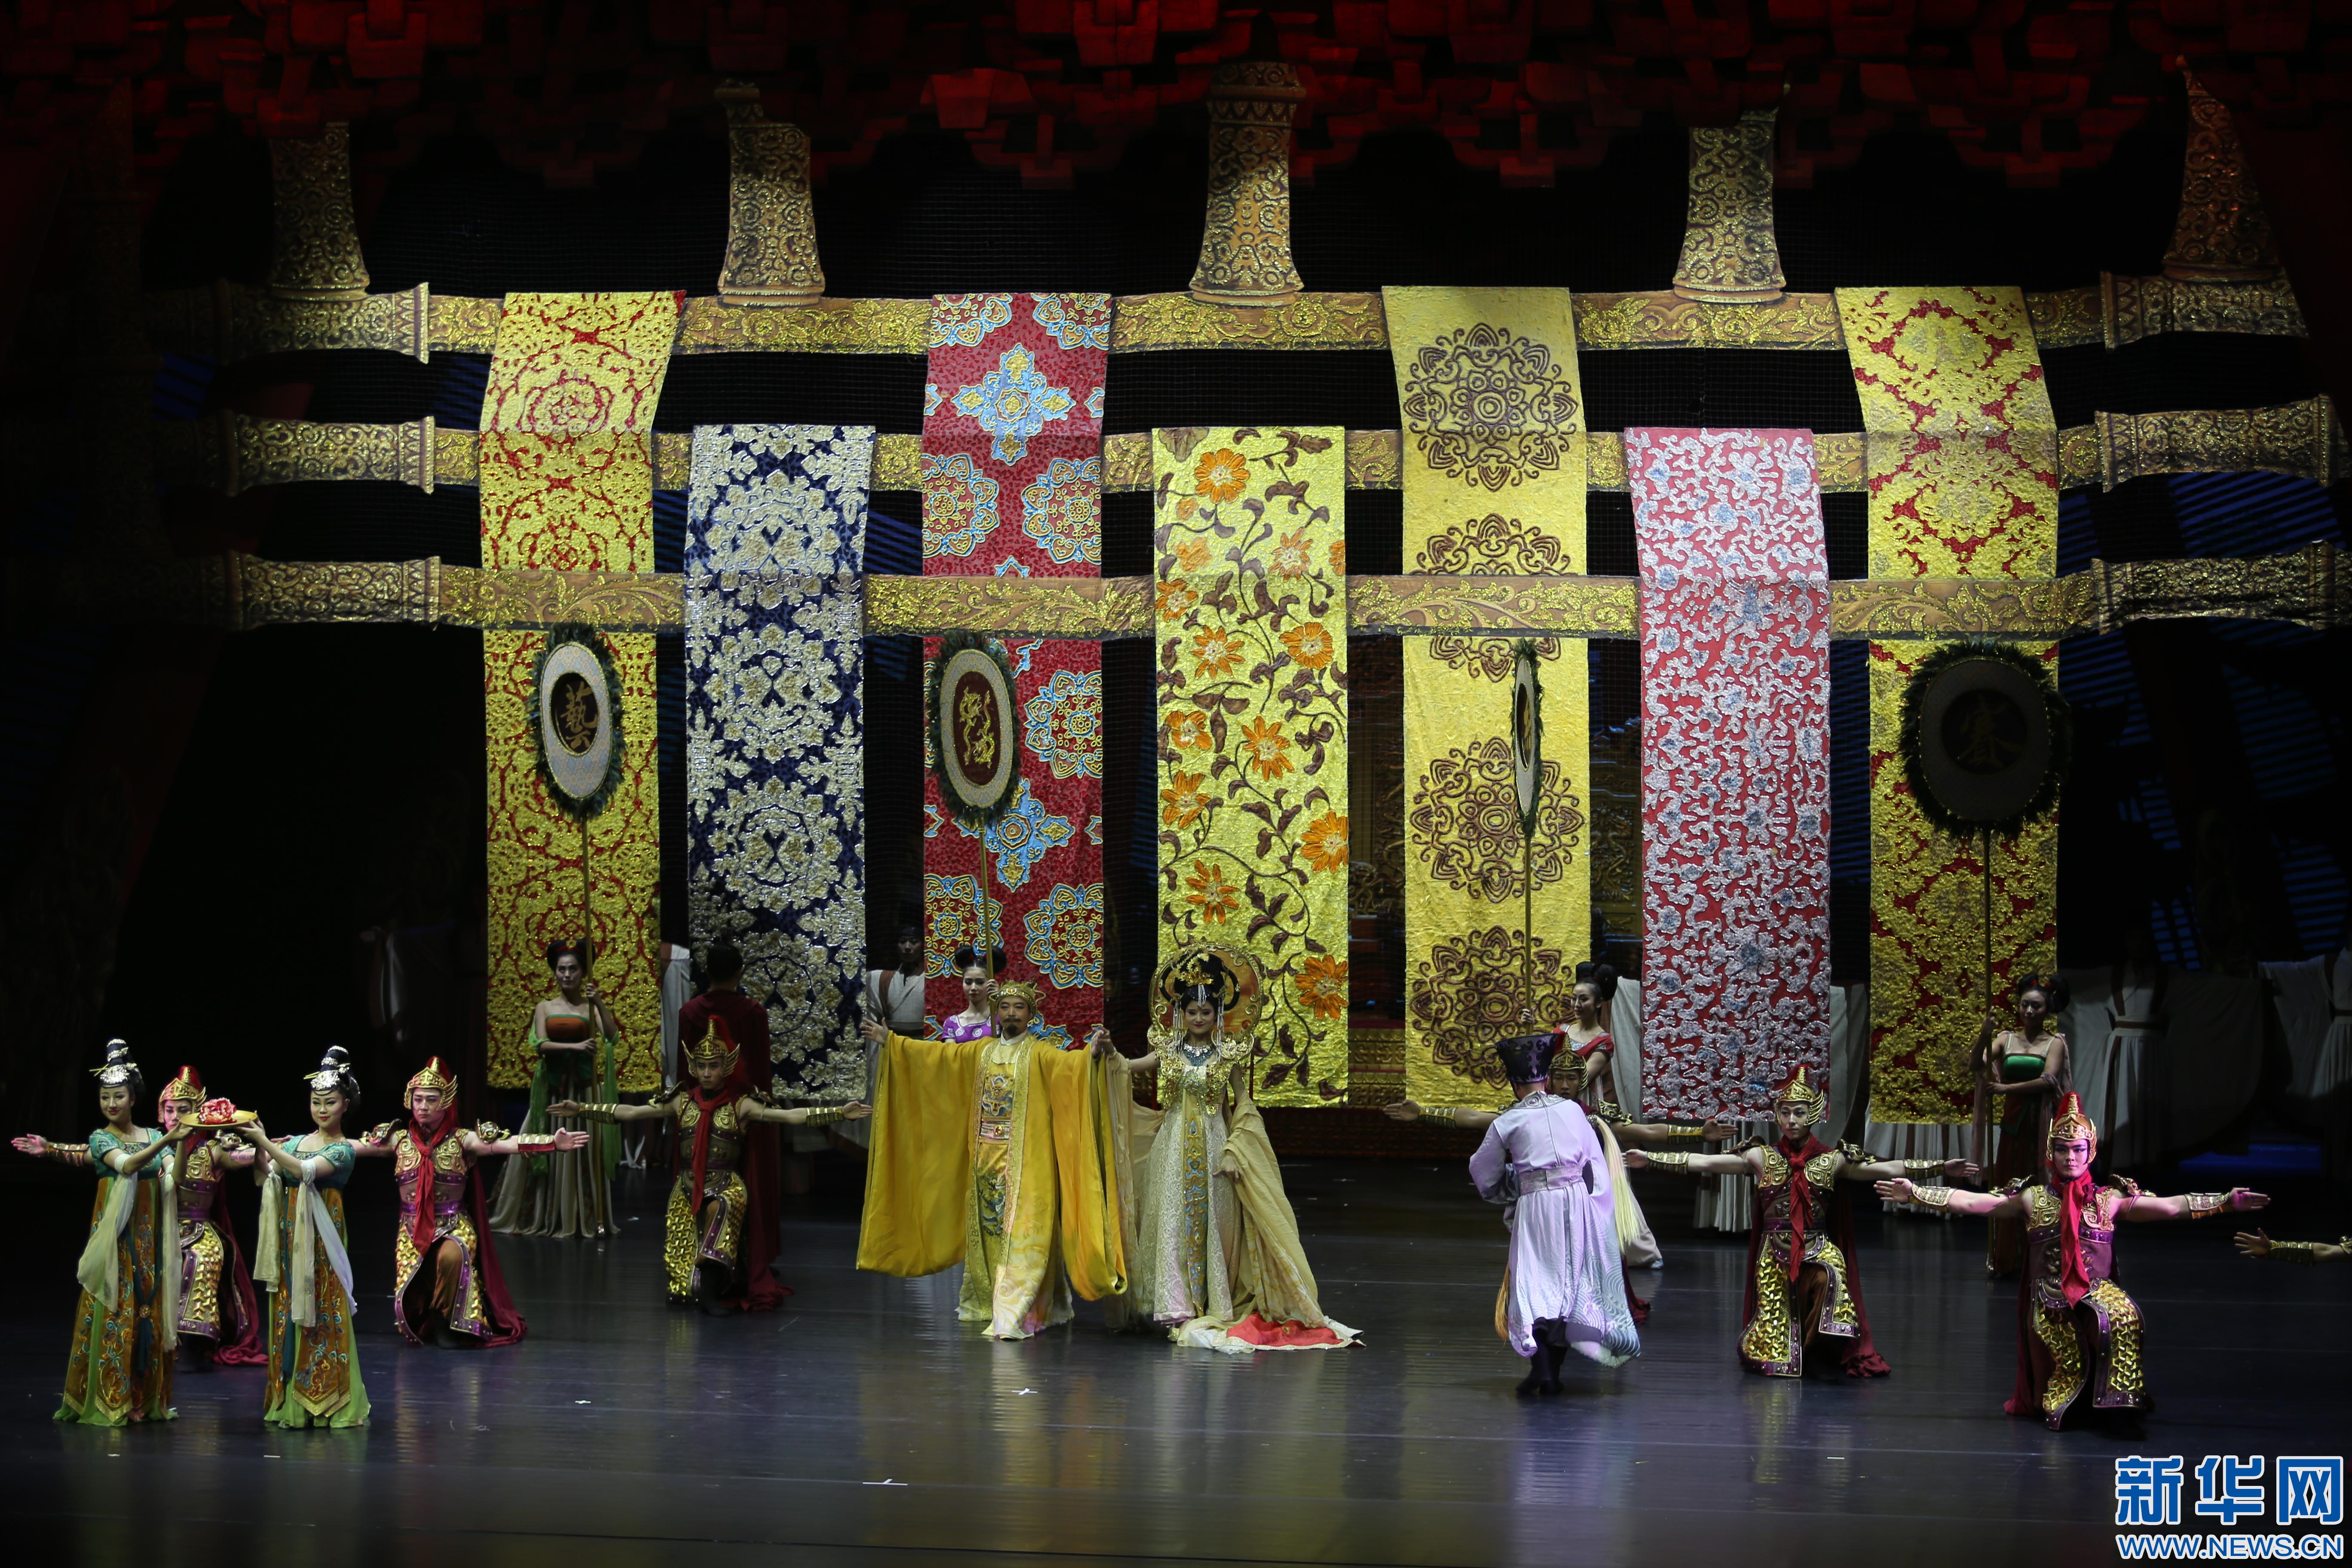 舞剧《丝绸公主》澳门赌场网上棋牌上演 讲述古丝绸之路上的爱情故事